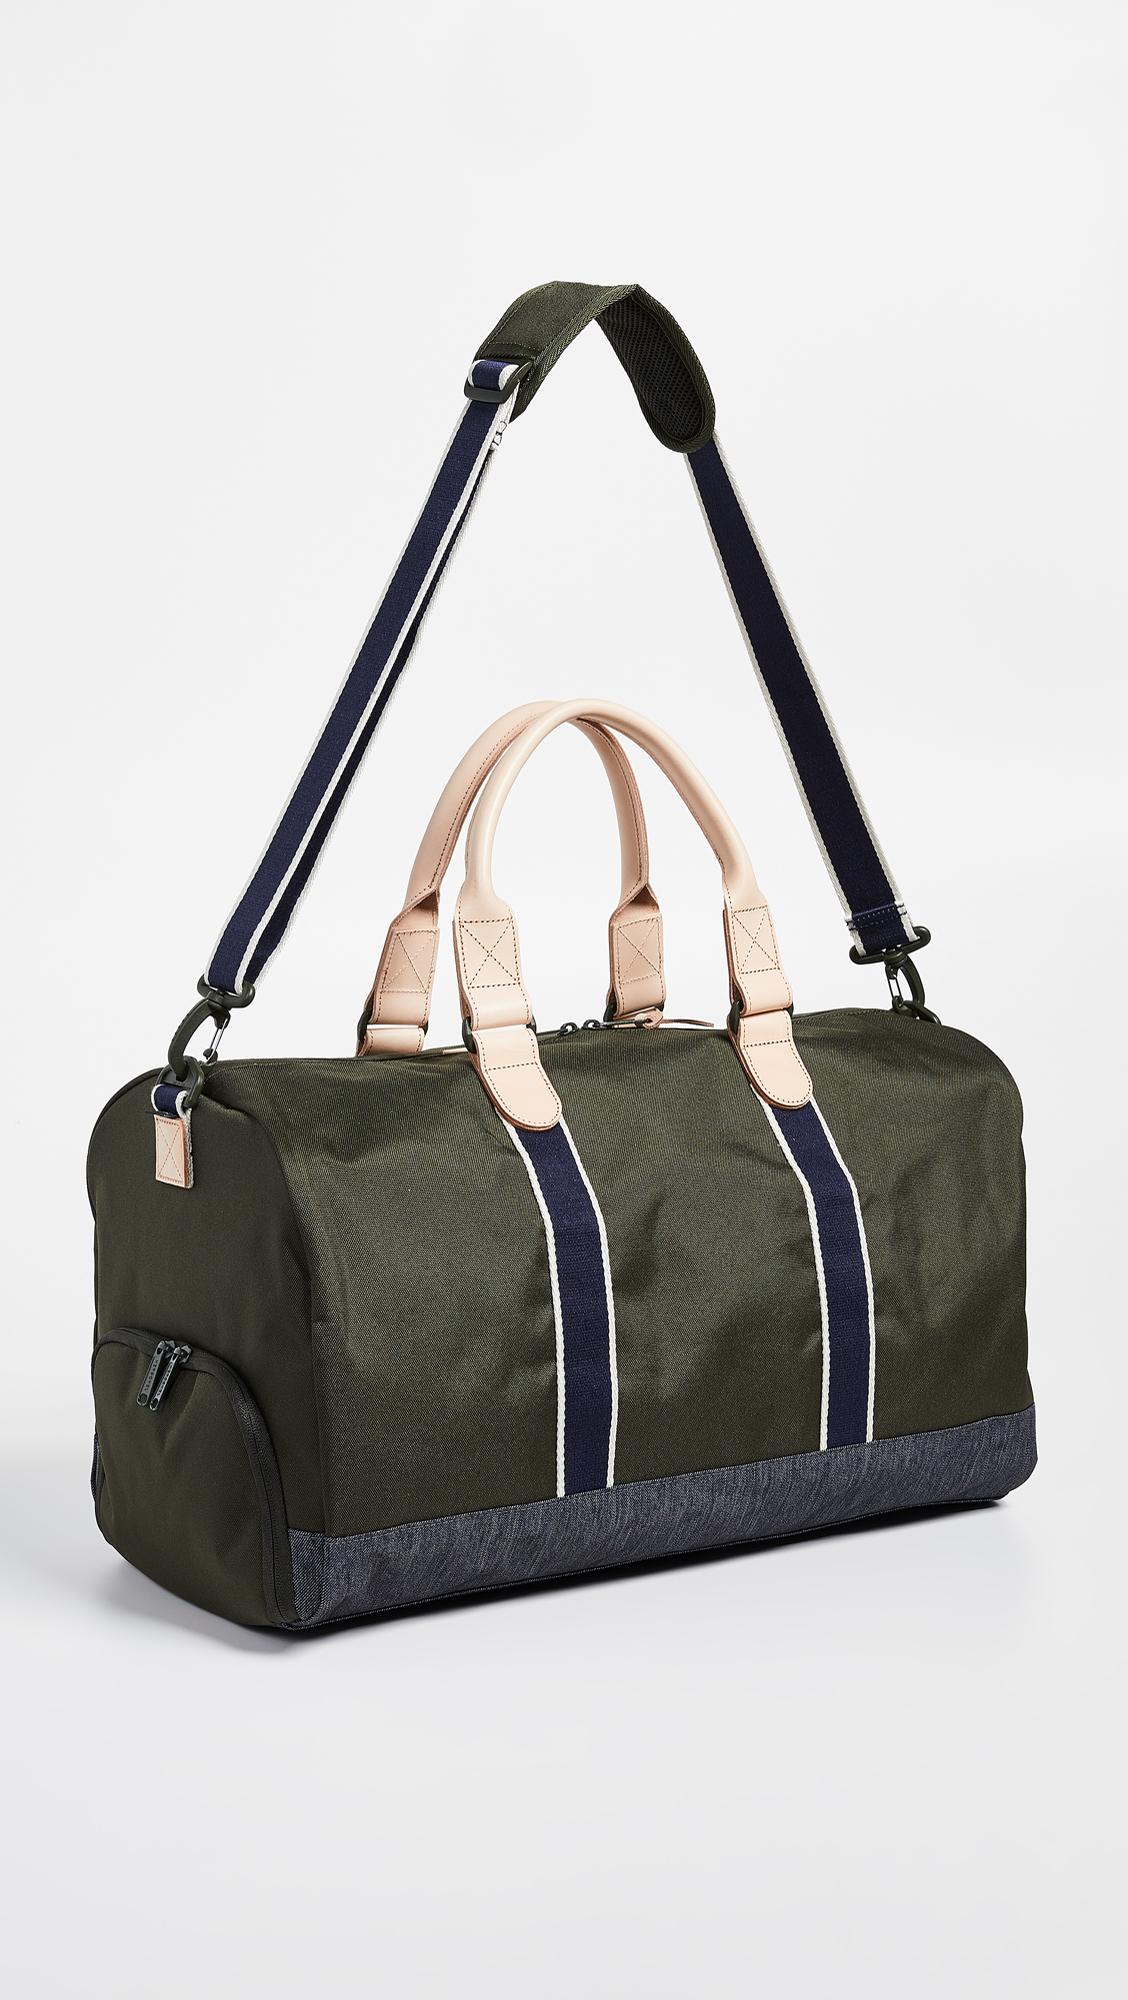 0089aa6c9a2a Herschel Supply Co. Novel Duffel Bag